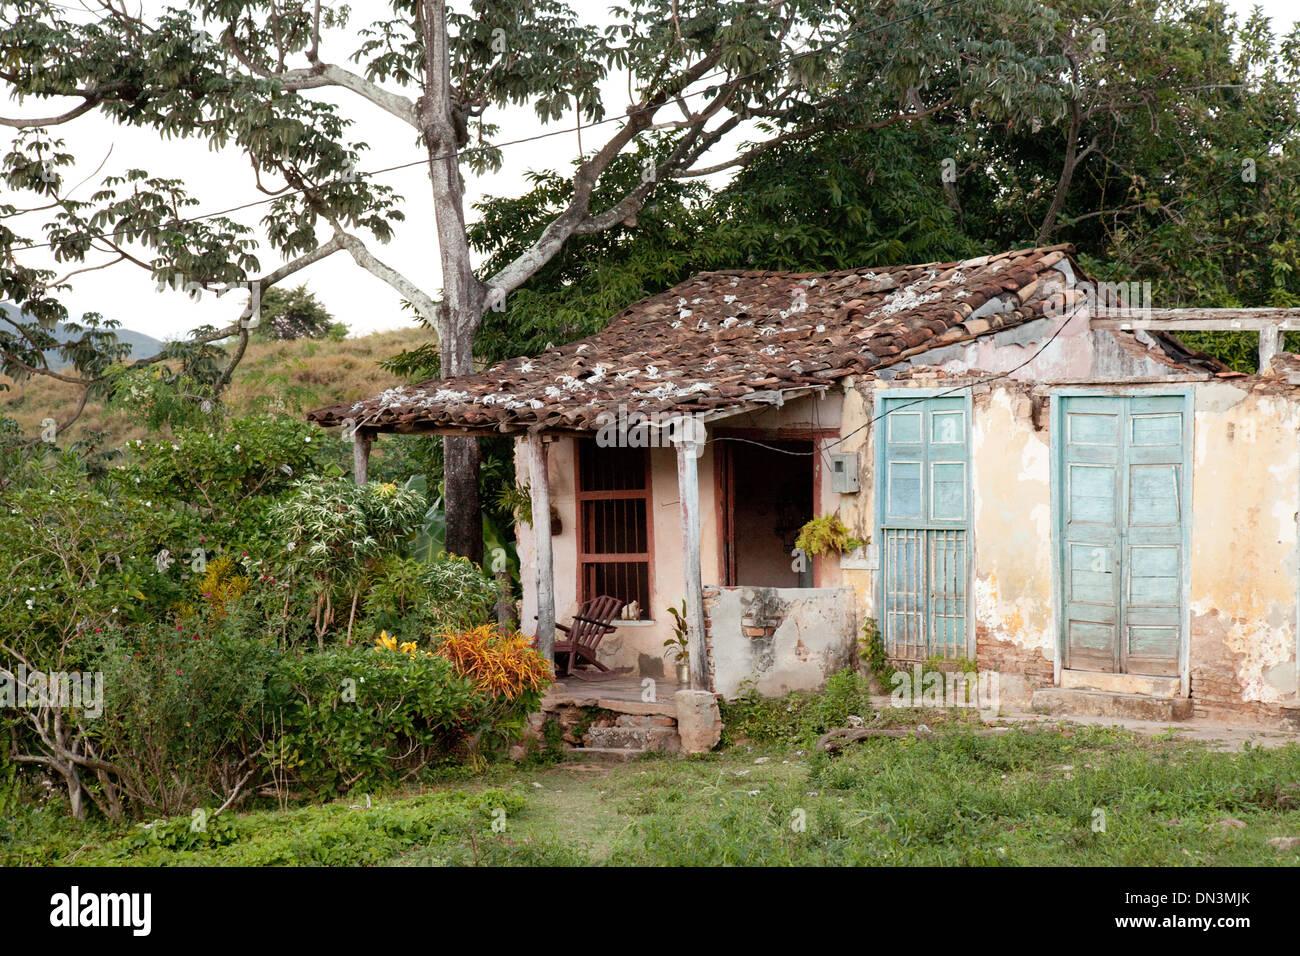 Une maison à Trinidad, Cuba, Caraïbes, Amérique latine, en raison de la pauvreté locale Photo Stock